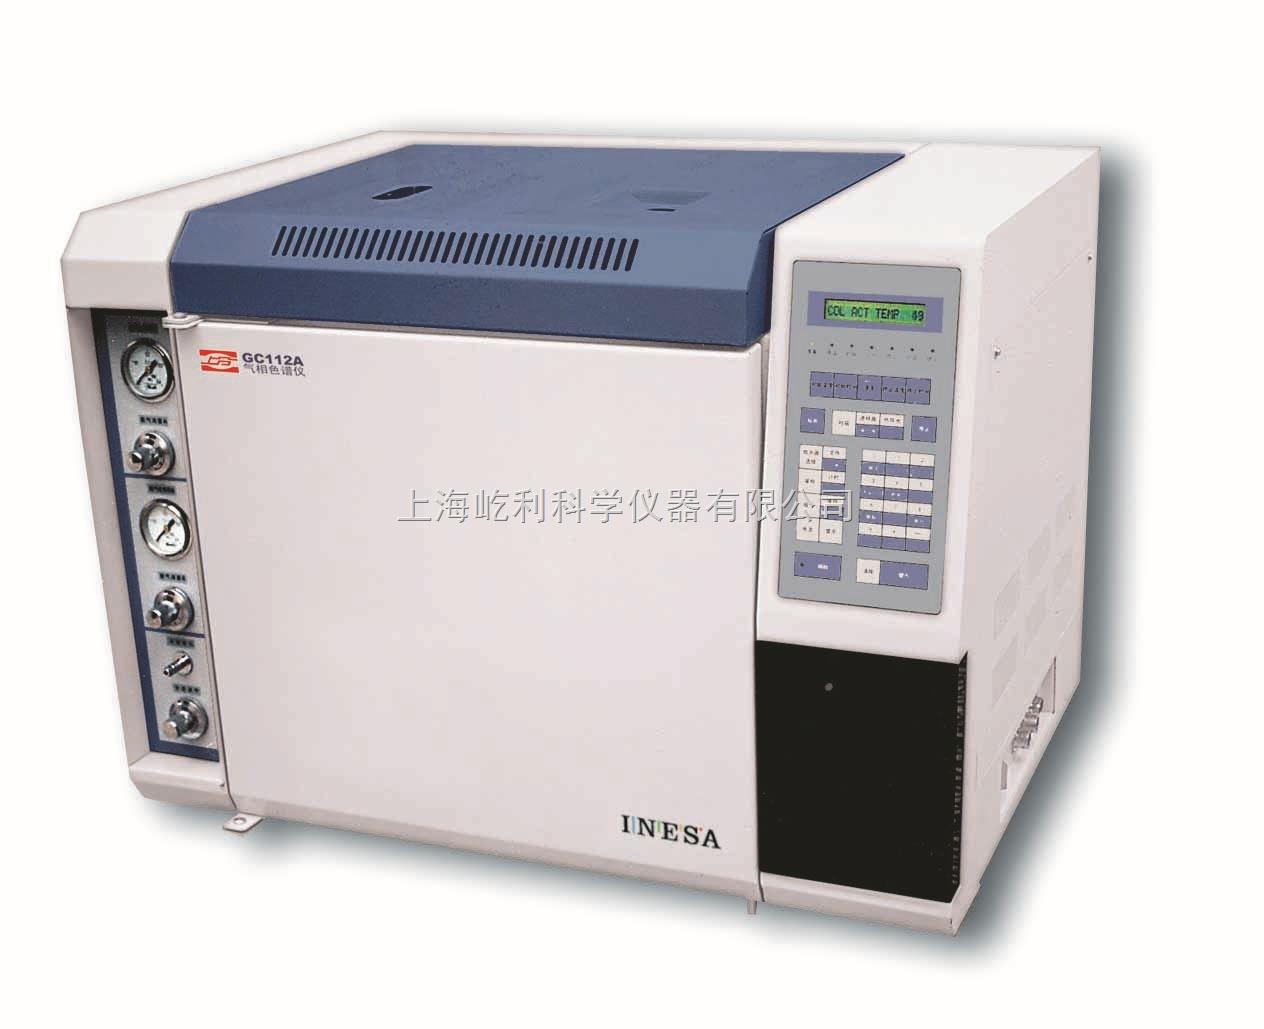 GC112A 上海儀電 氣相色譜儀